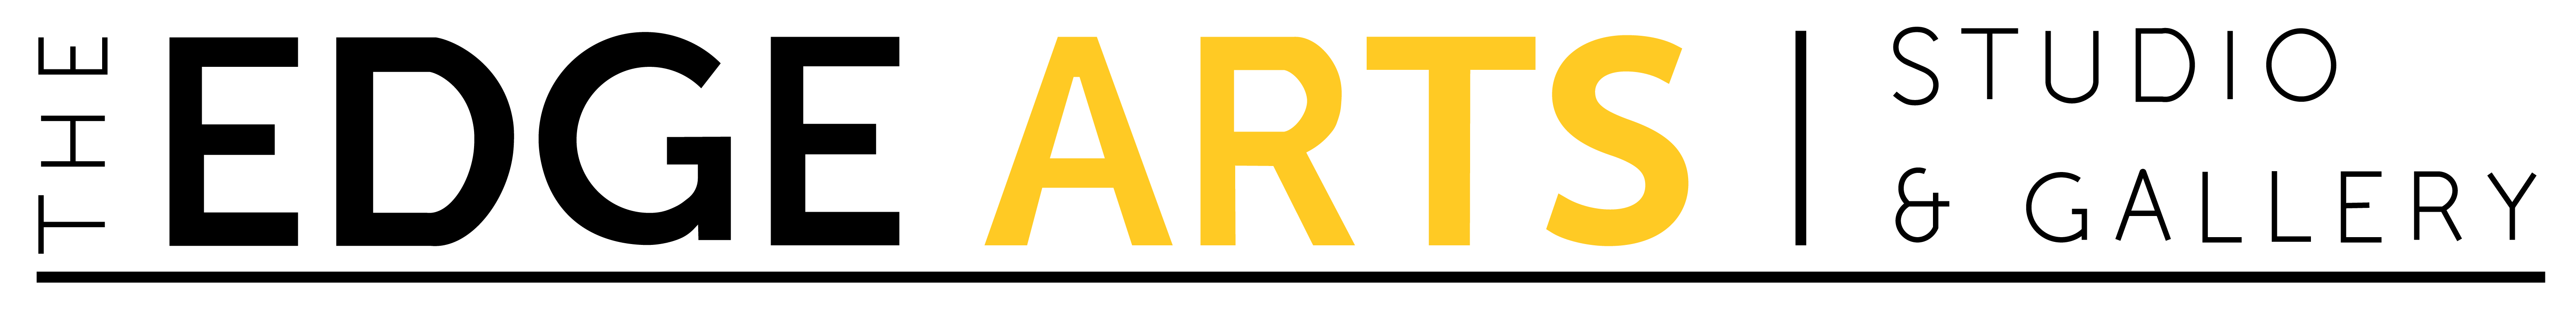 Edge ARTS Studio & Gallery